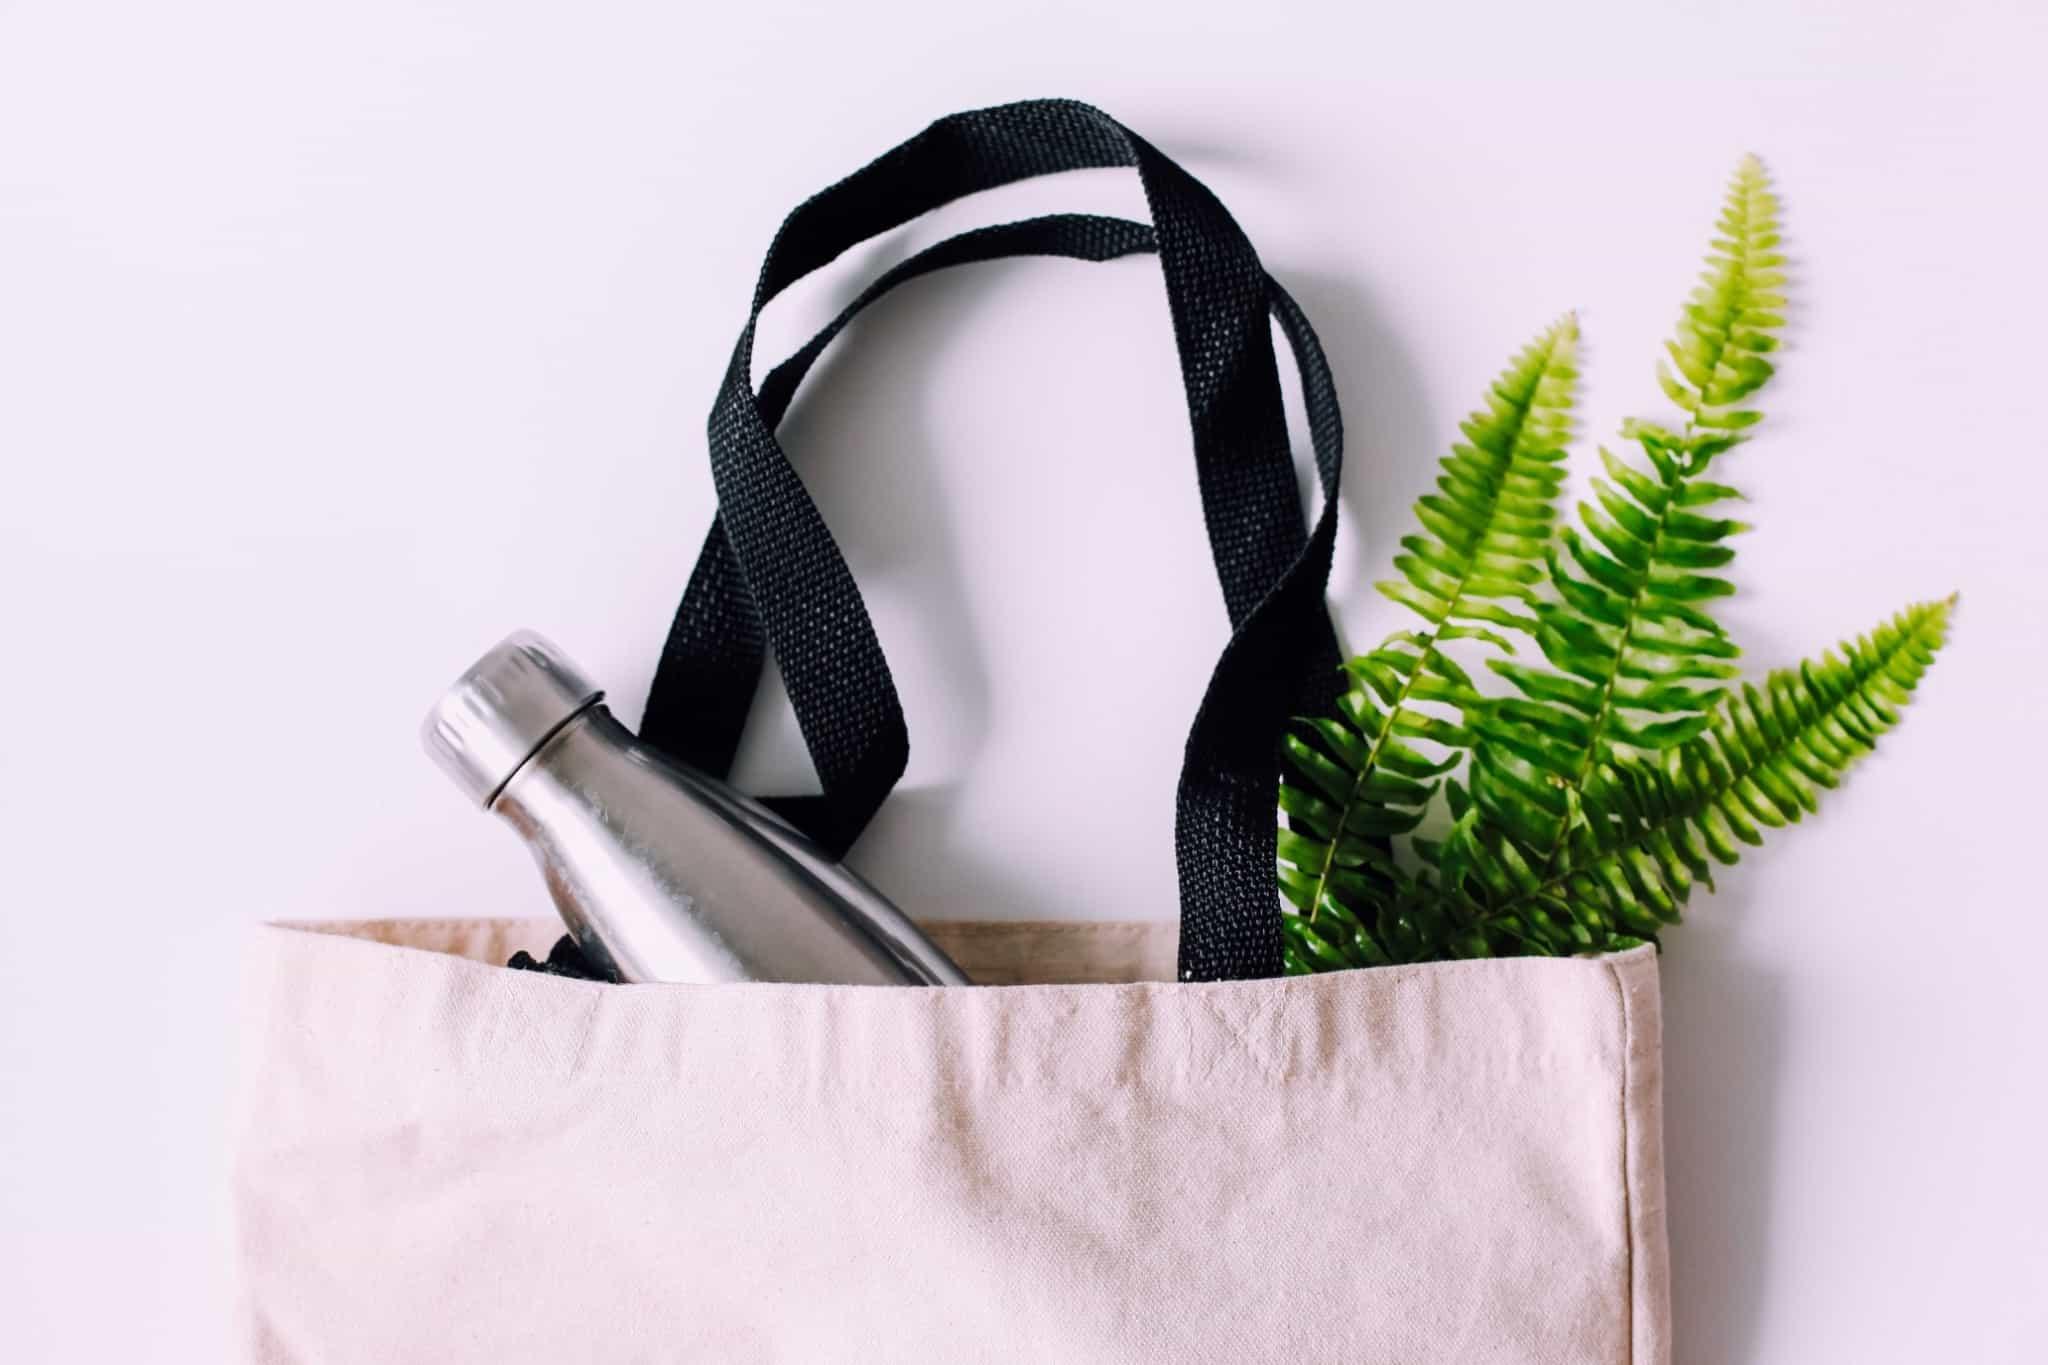 saco de pano com garrafa de agua de metal e planta